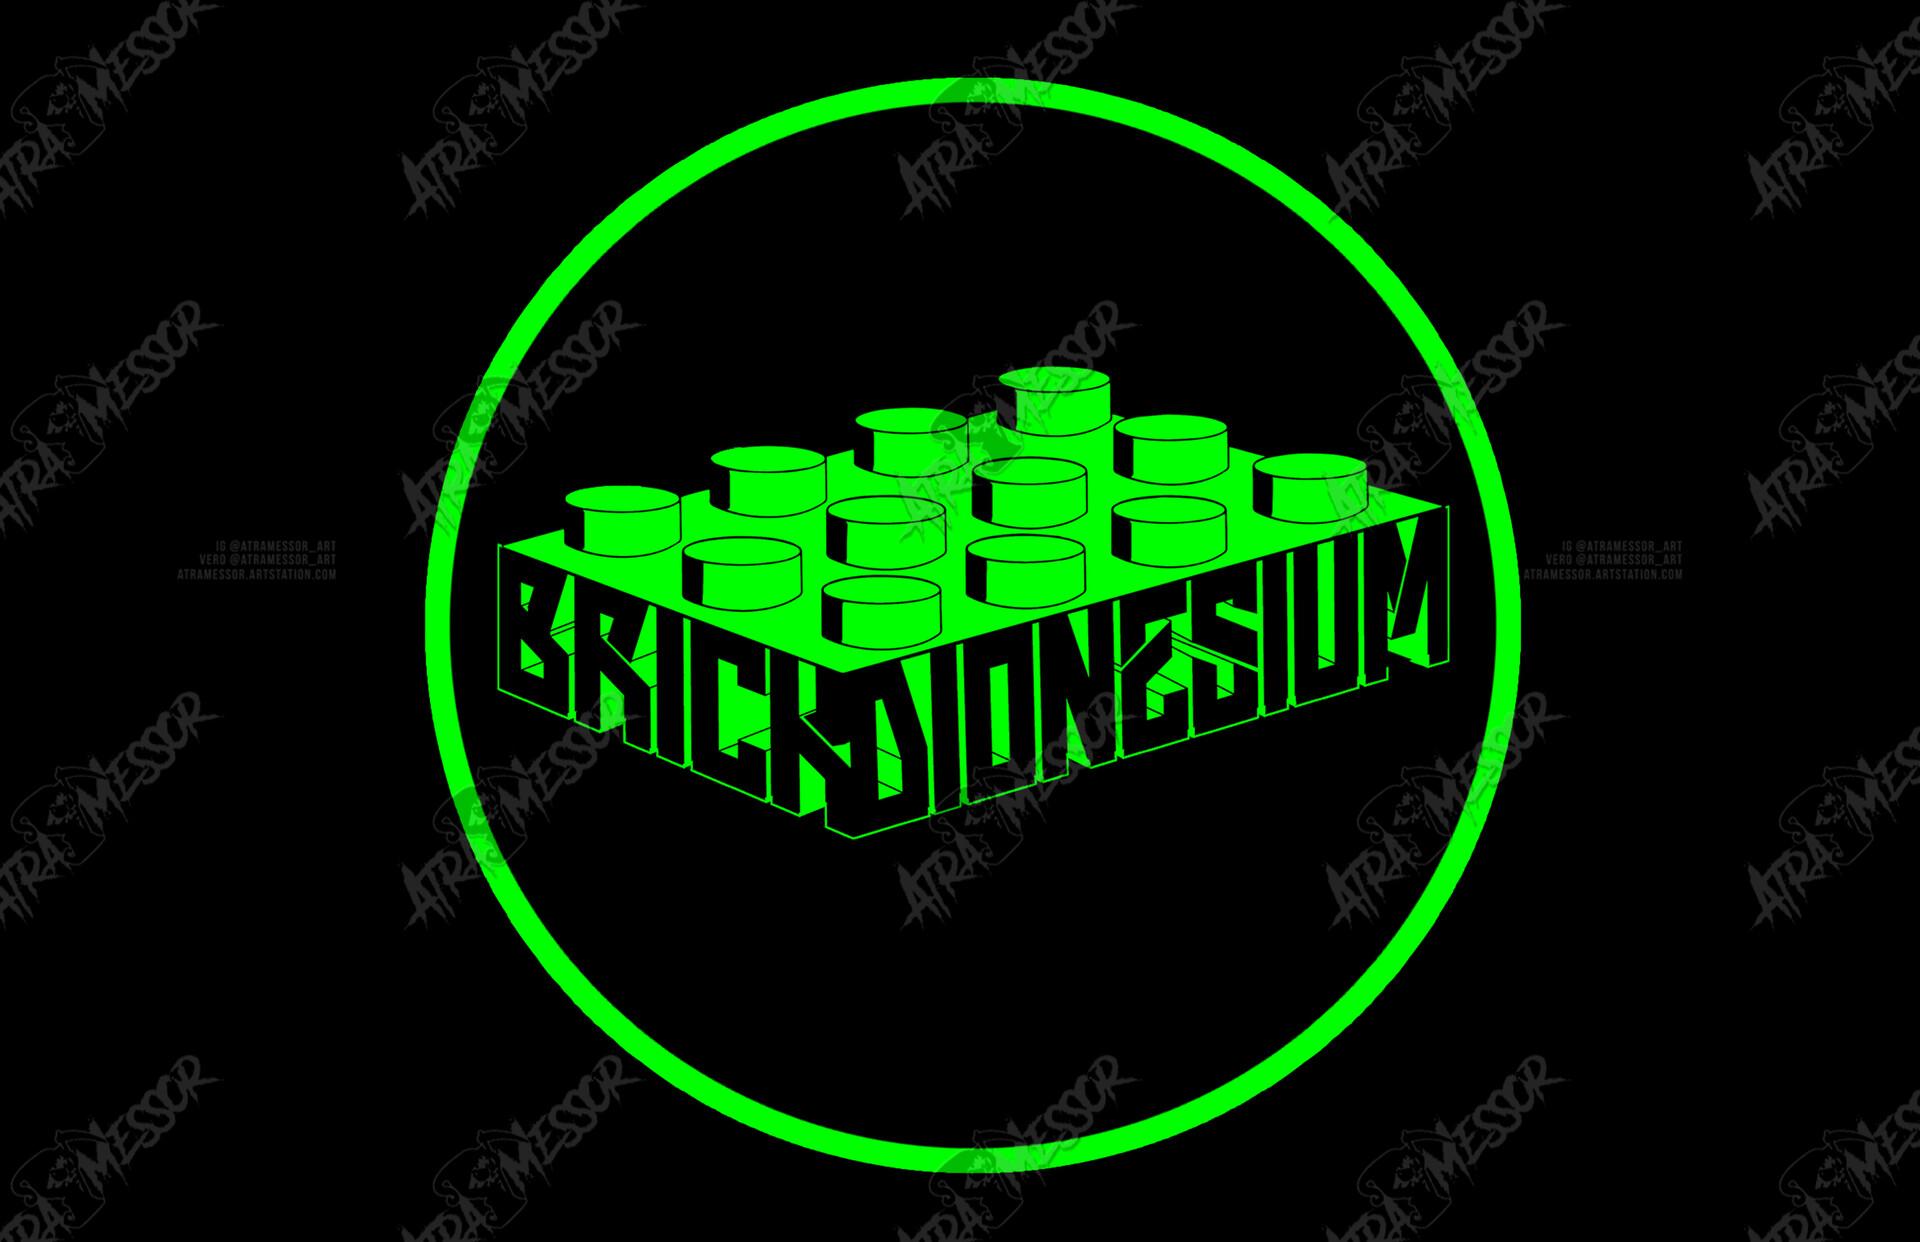 BrickDionesium Logo (commission)